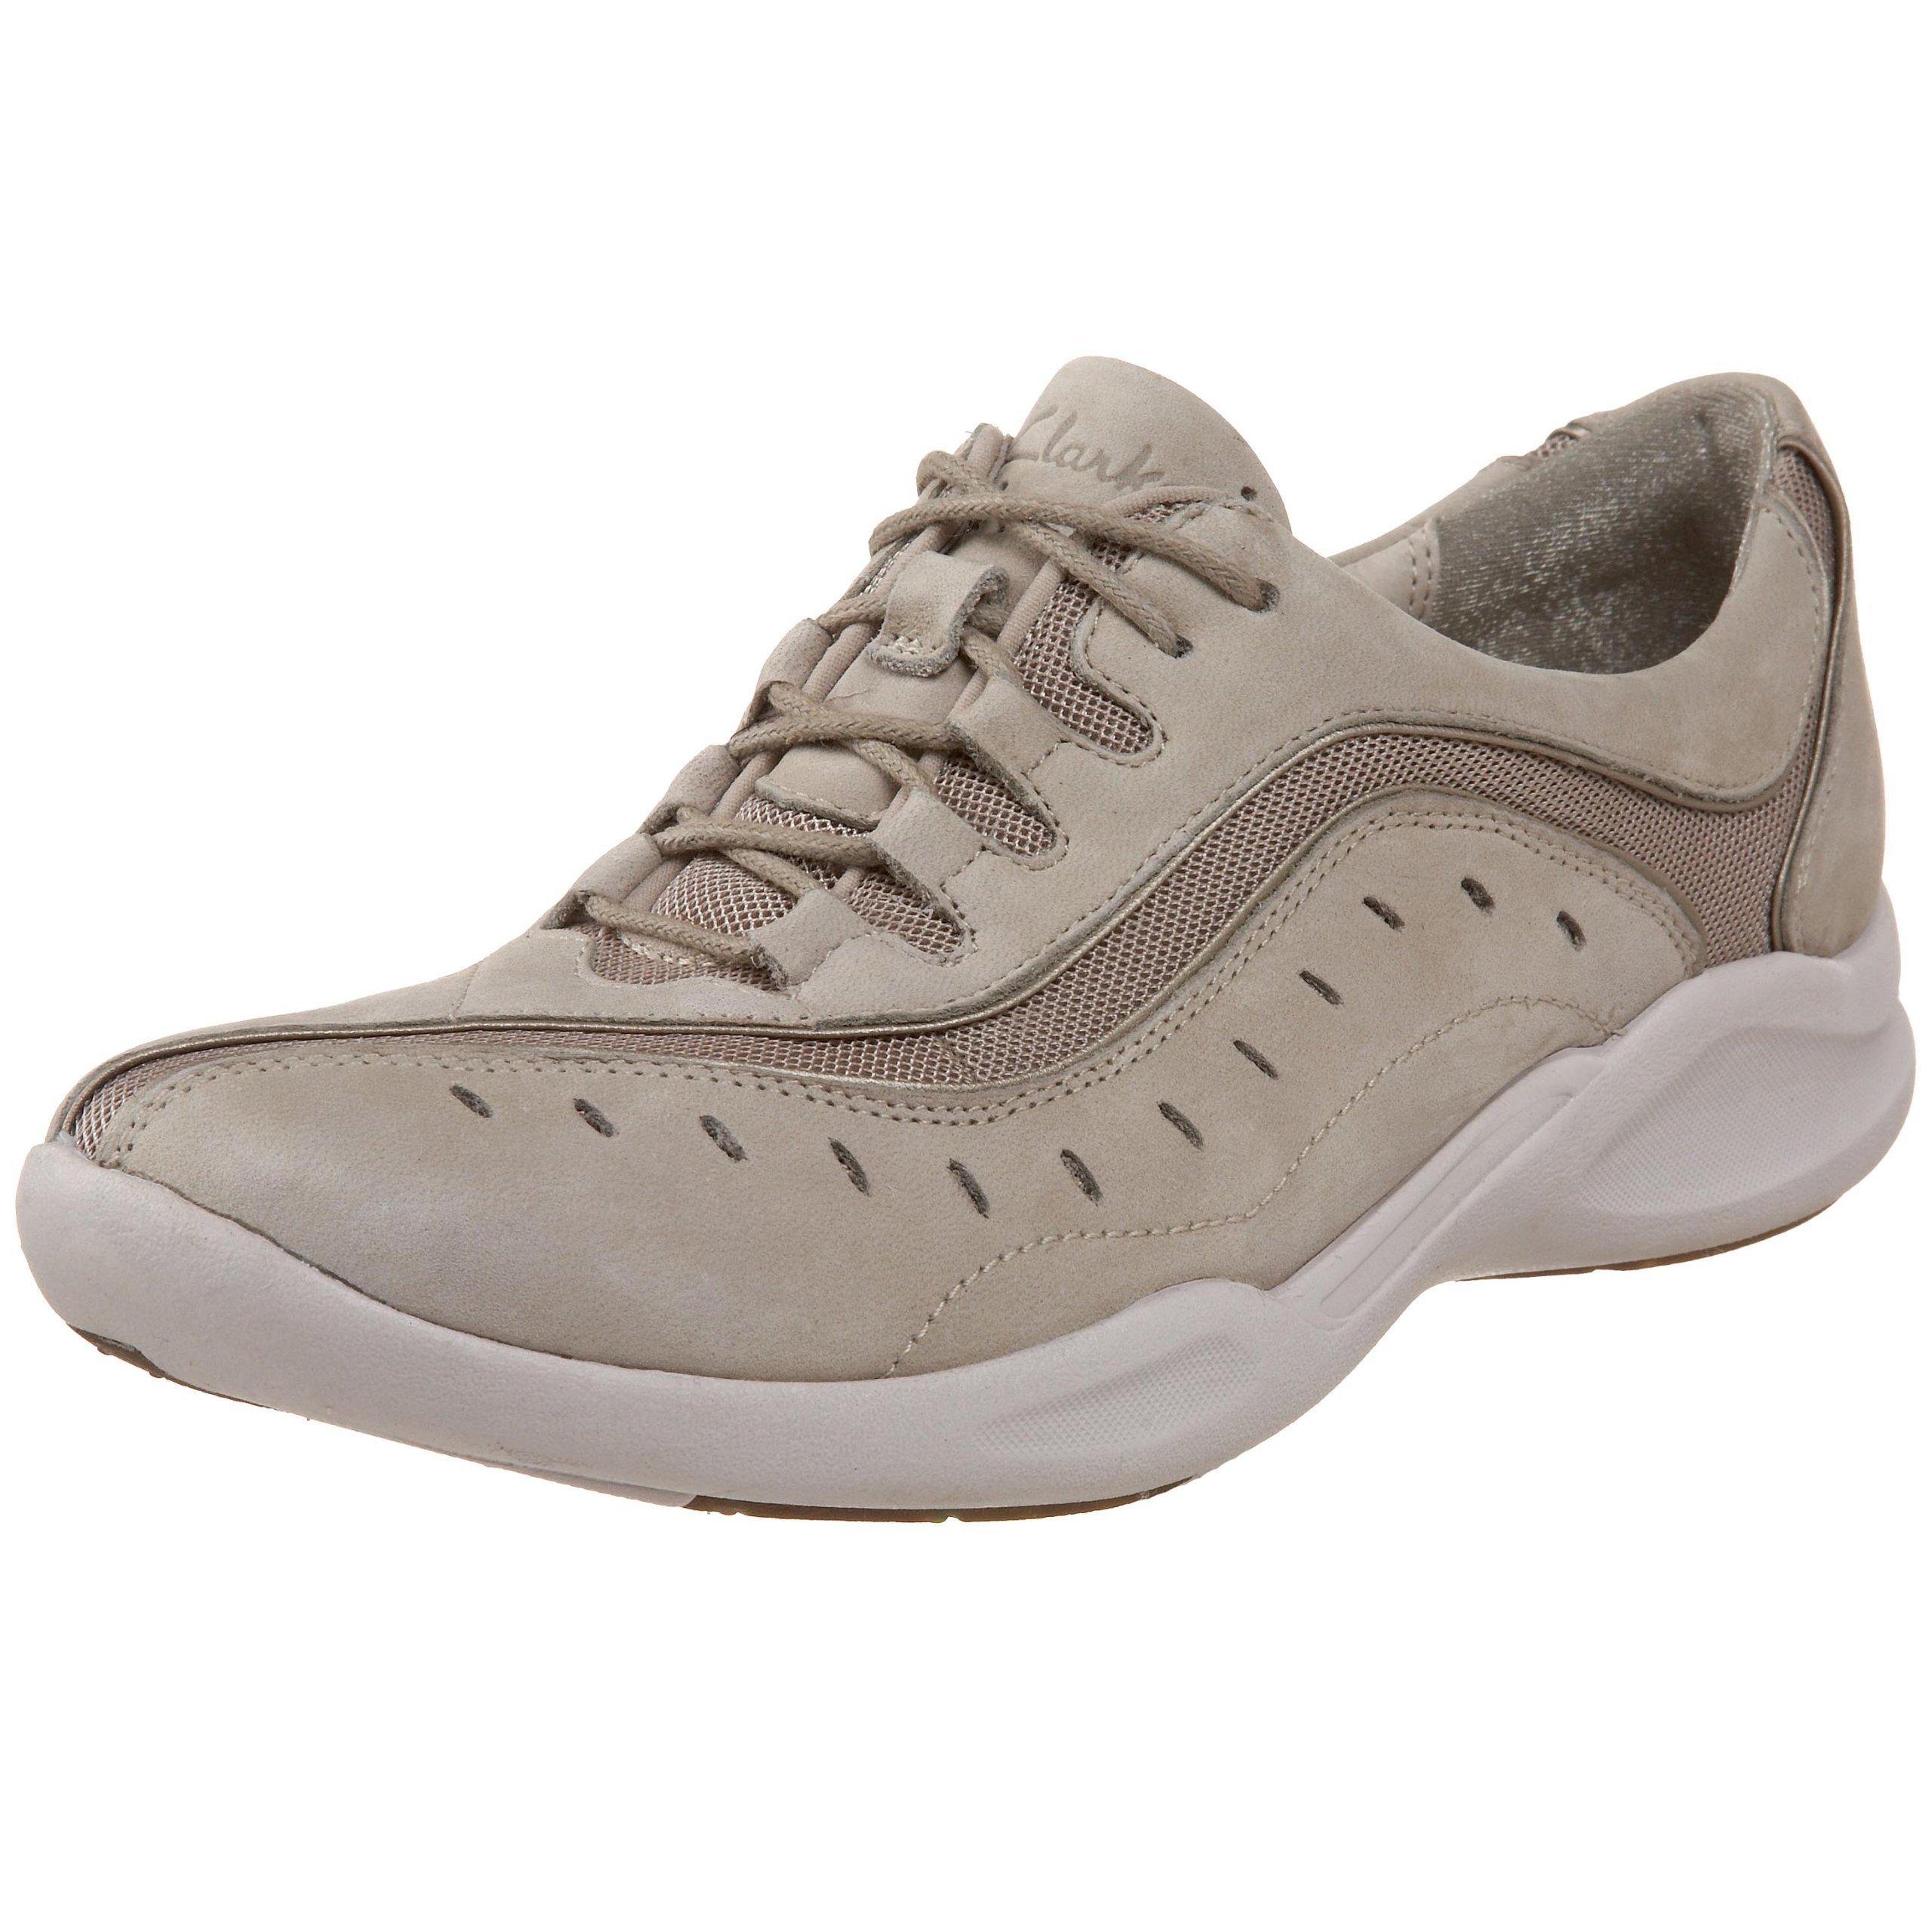 Clarks Women's Wave.Wheel Sneaker,Stone,10 M US